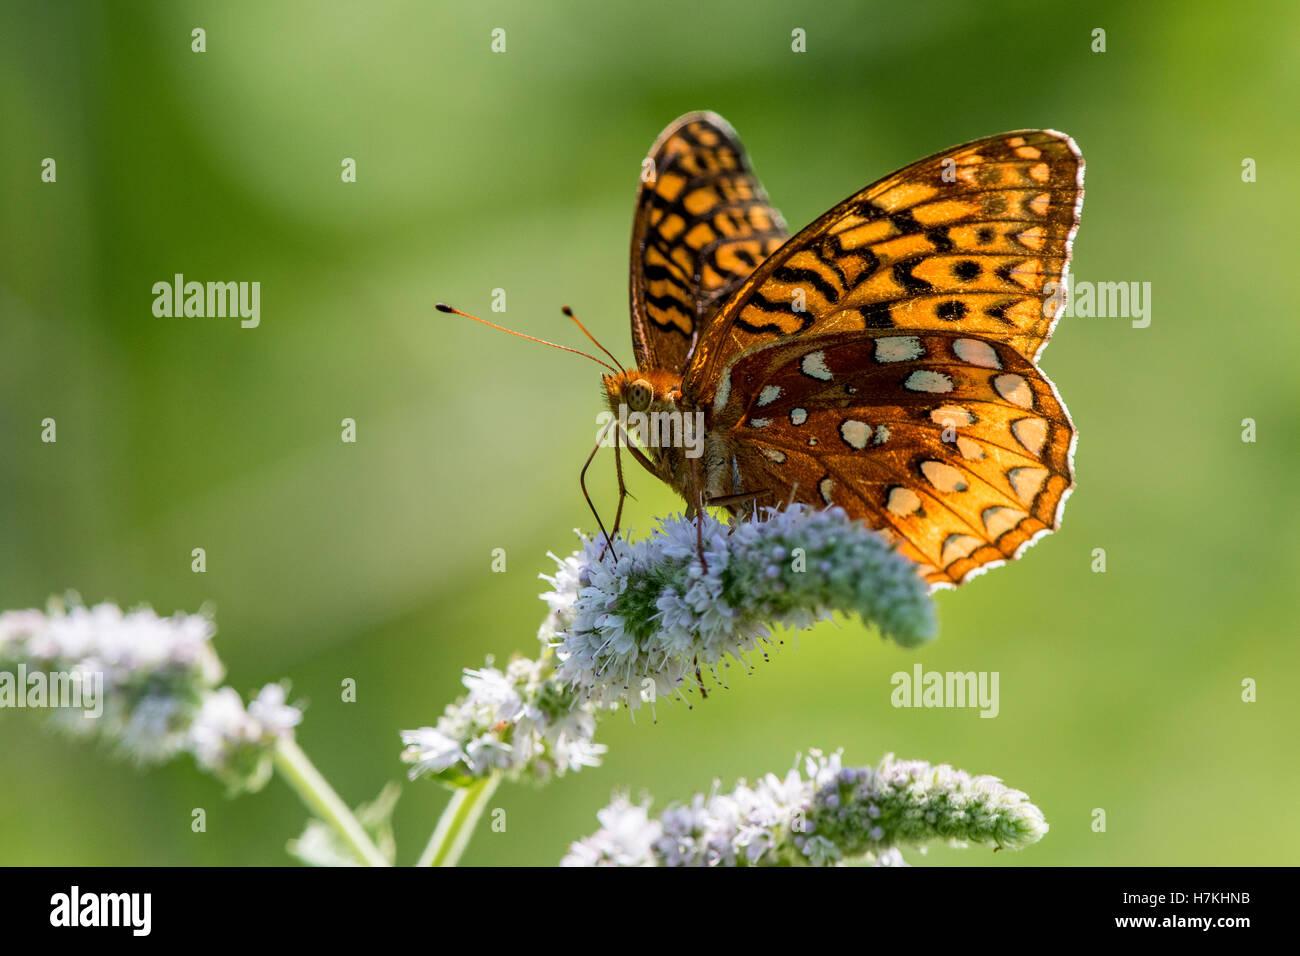 Papillon sur fleur. Fritillary butterfly reposant sur fleur de menthe avec ailes déployées au soleil. Photo Stock